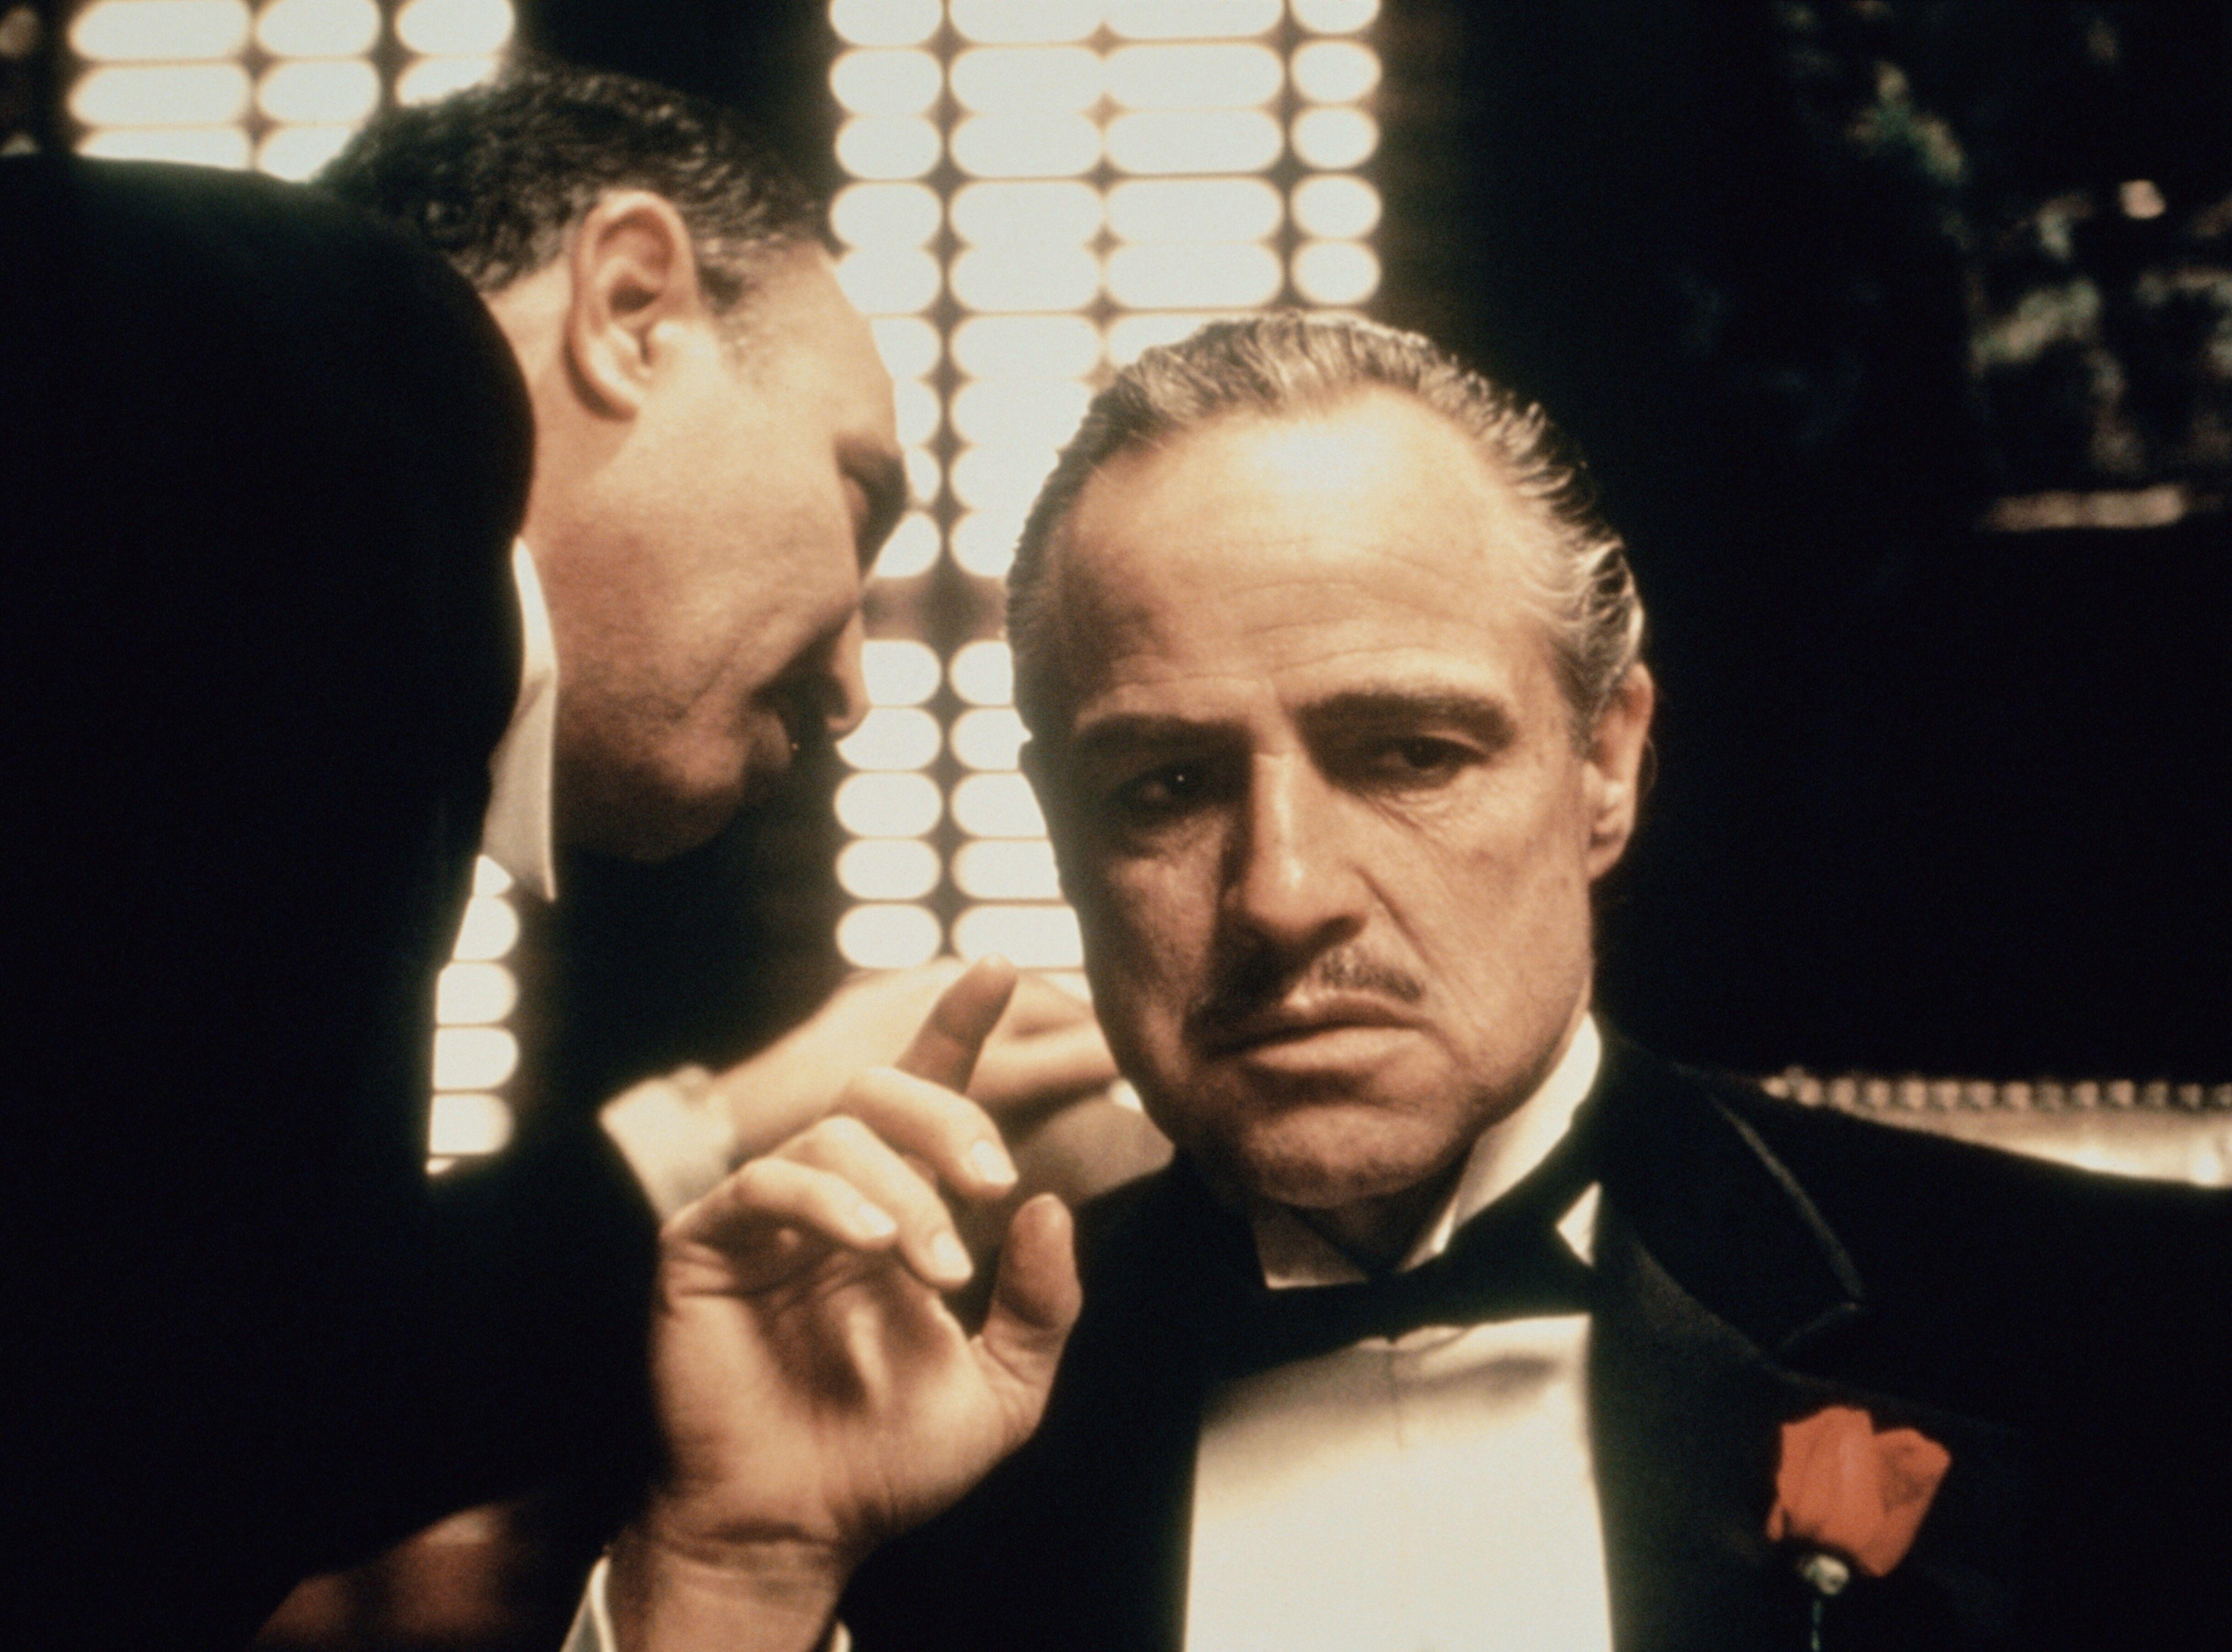 Marlon Brando and Salvatore Corsitto in The Godfather (1972)